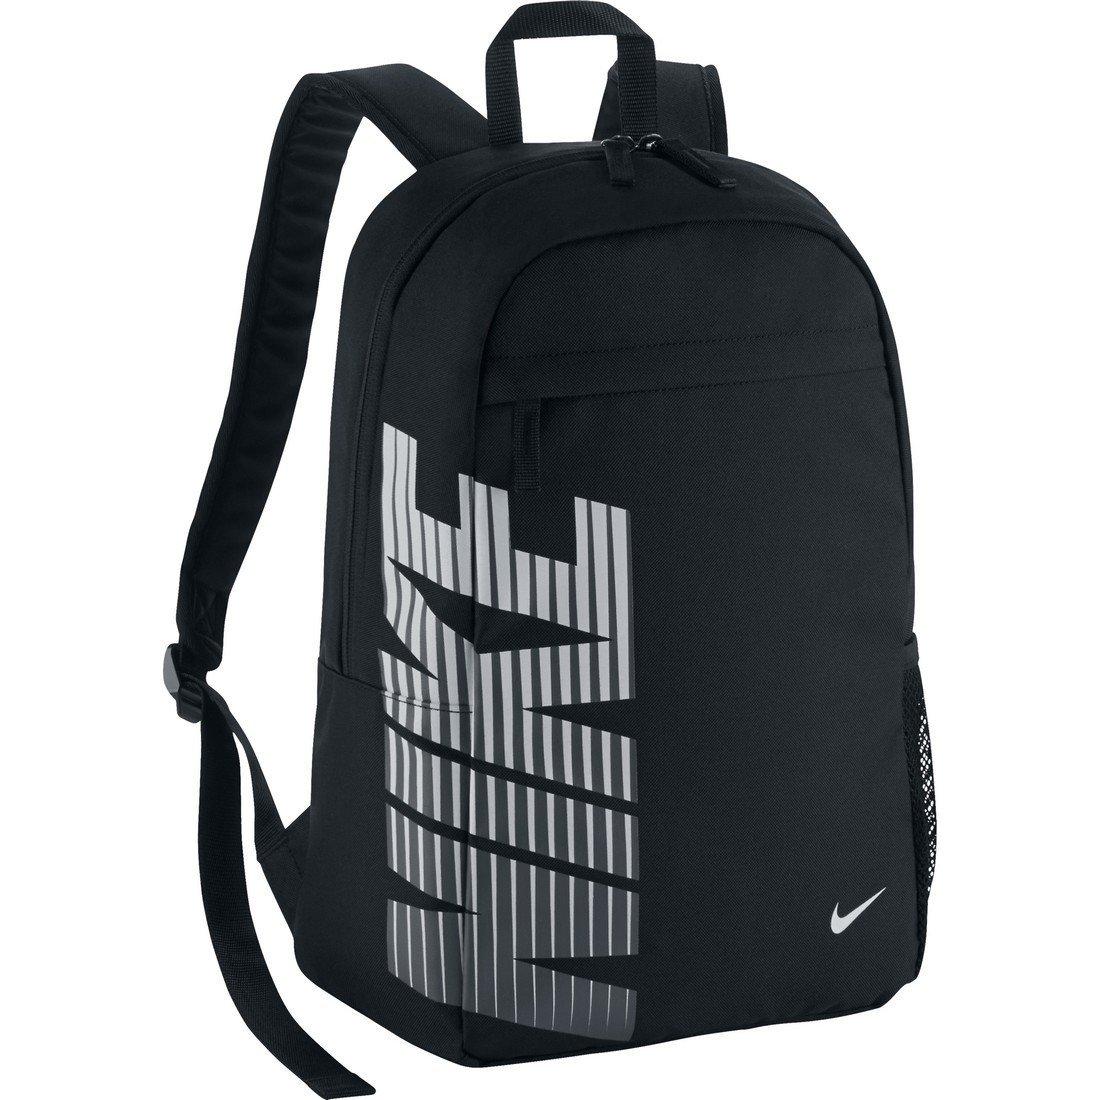 80b4b982d7 Sac à dos sport Nike : les prix et modèles | Sportoza